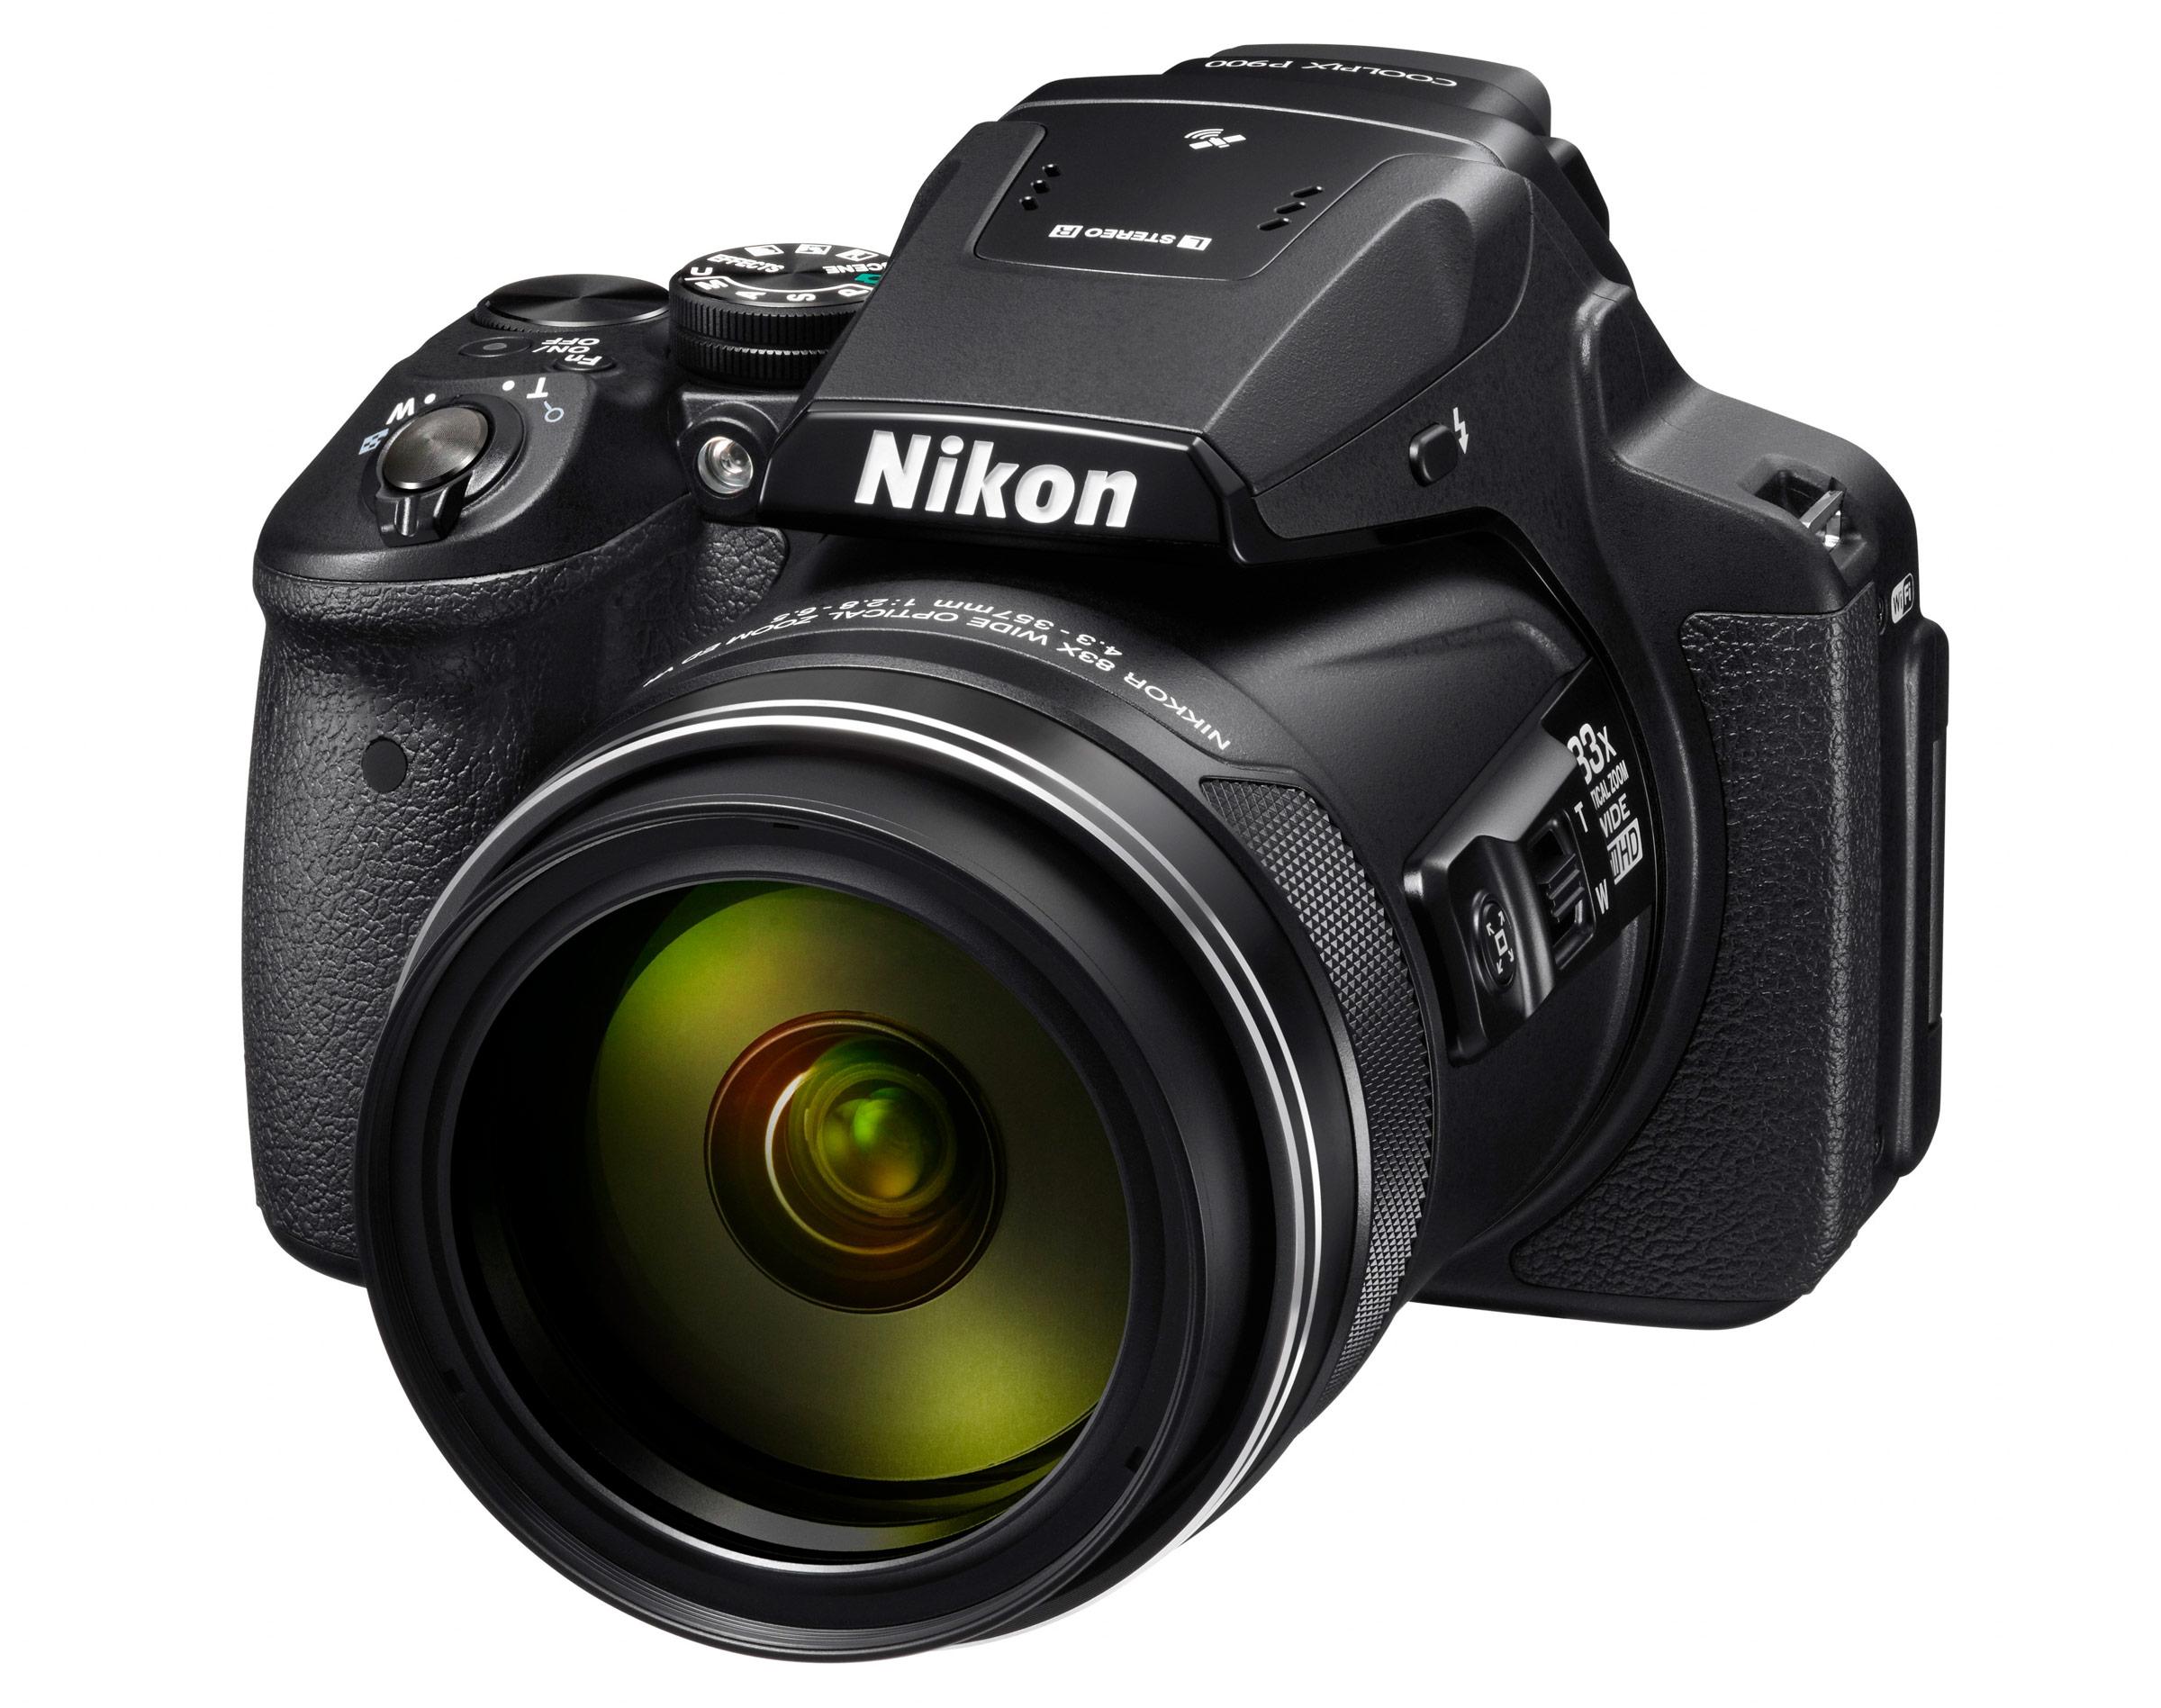 Fotocamera compatta nikon coolpix l110 80